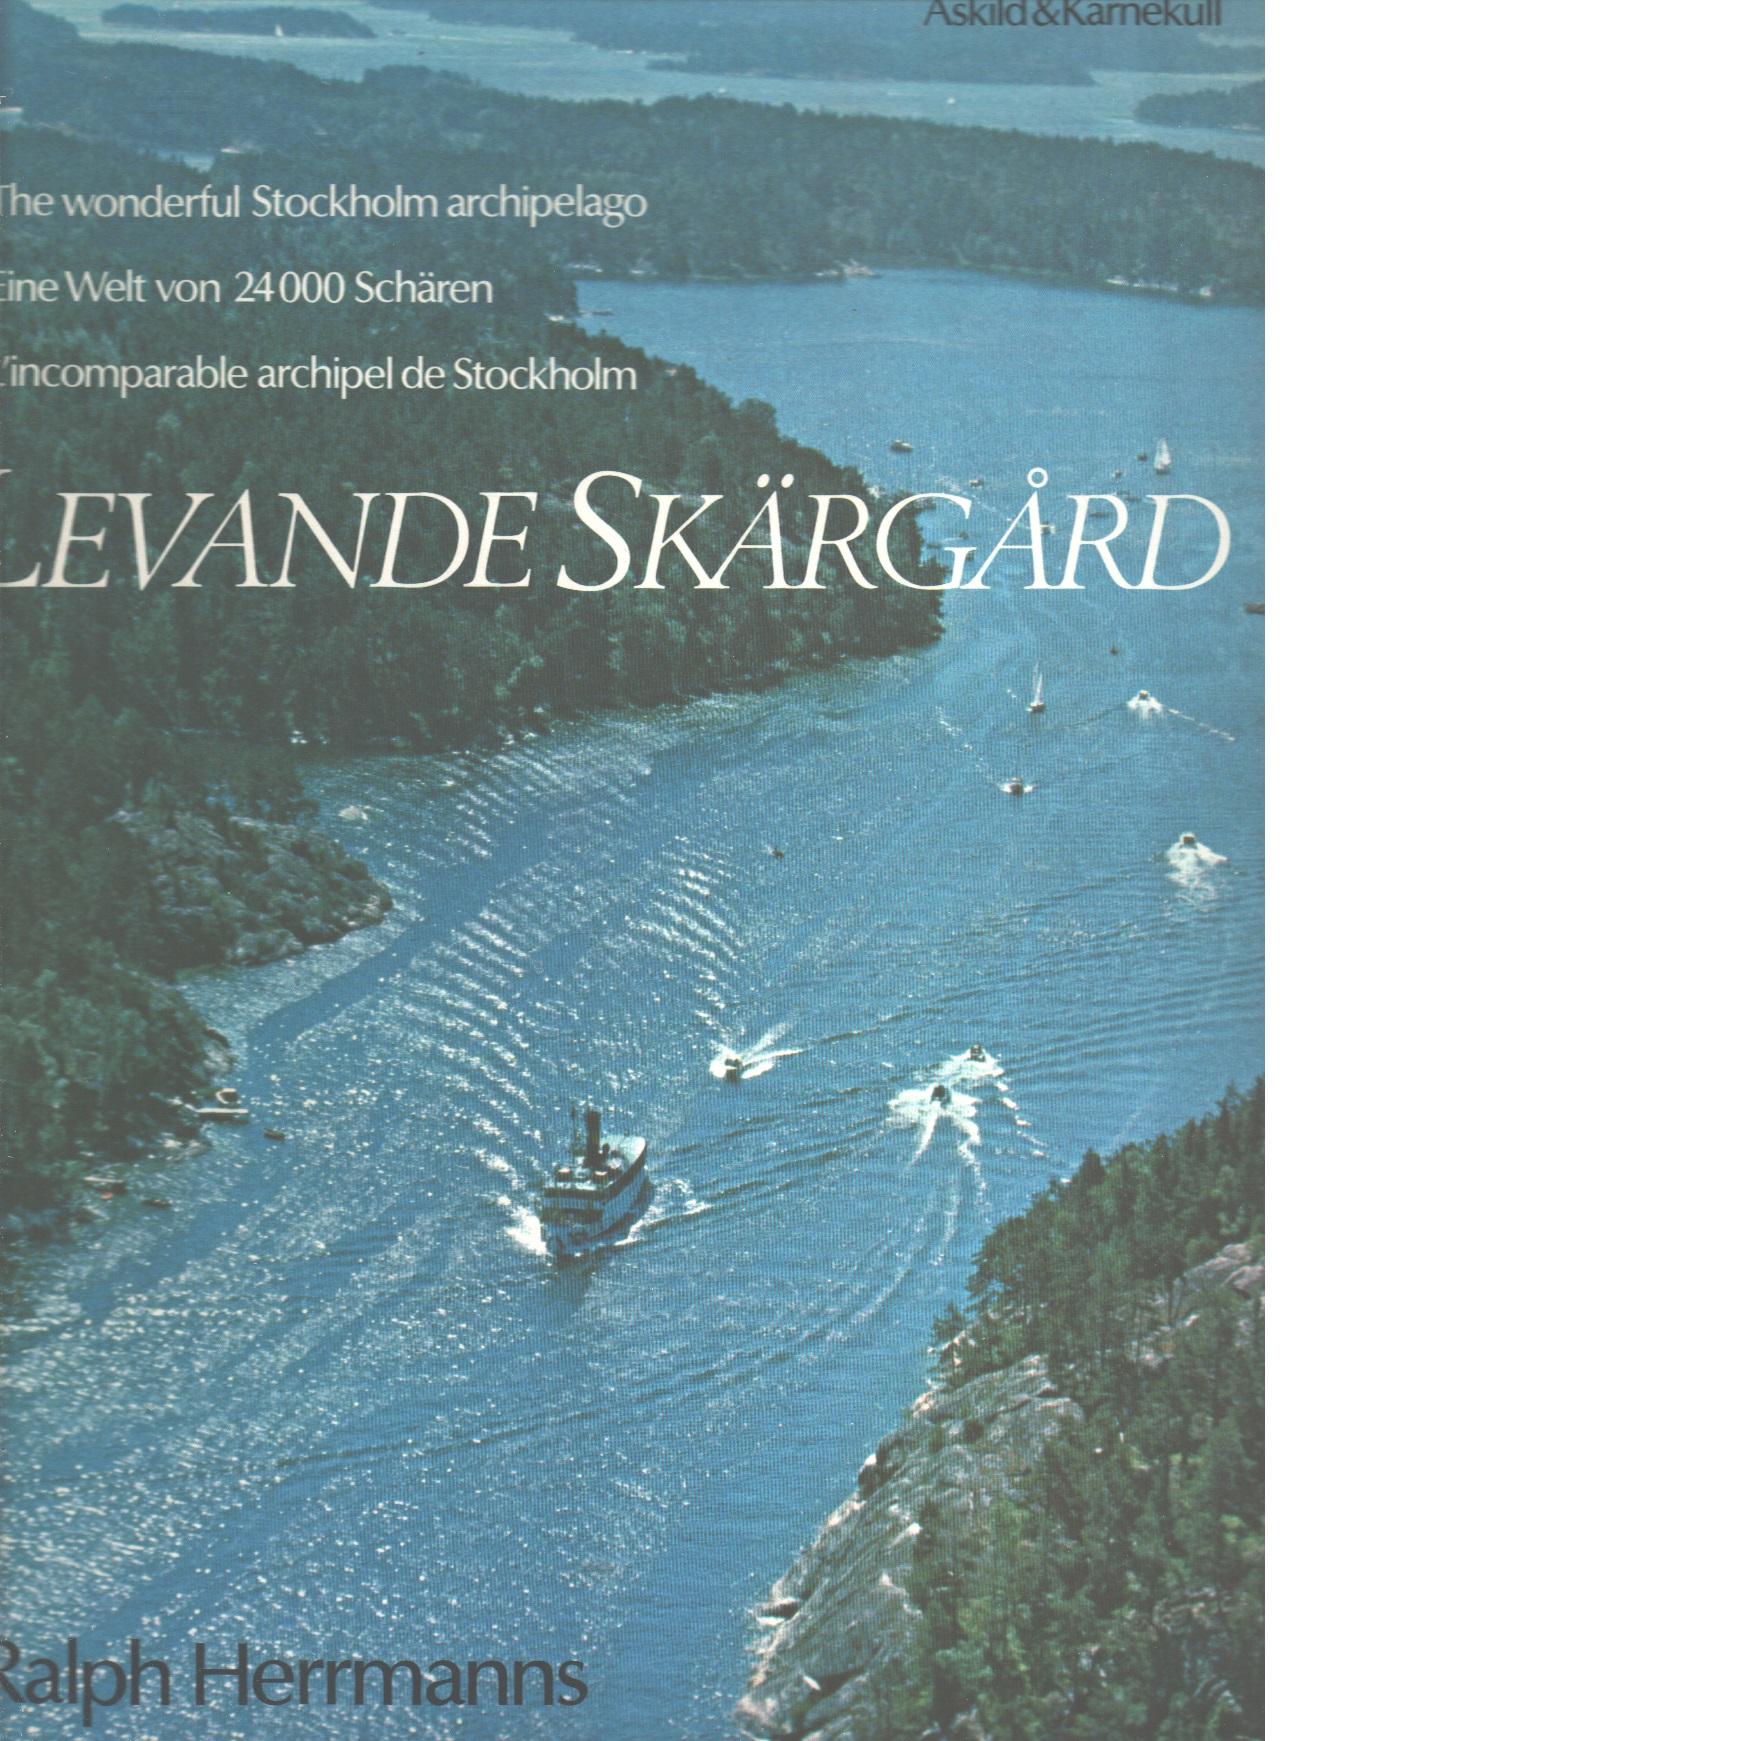 Levande skärgård : the wonderful Stockholm archipelago : eine Welt von 24 000 Schären : l'incomparable archipel de Stockholm - Herrmanns, Ralph